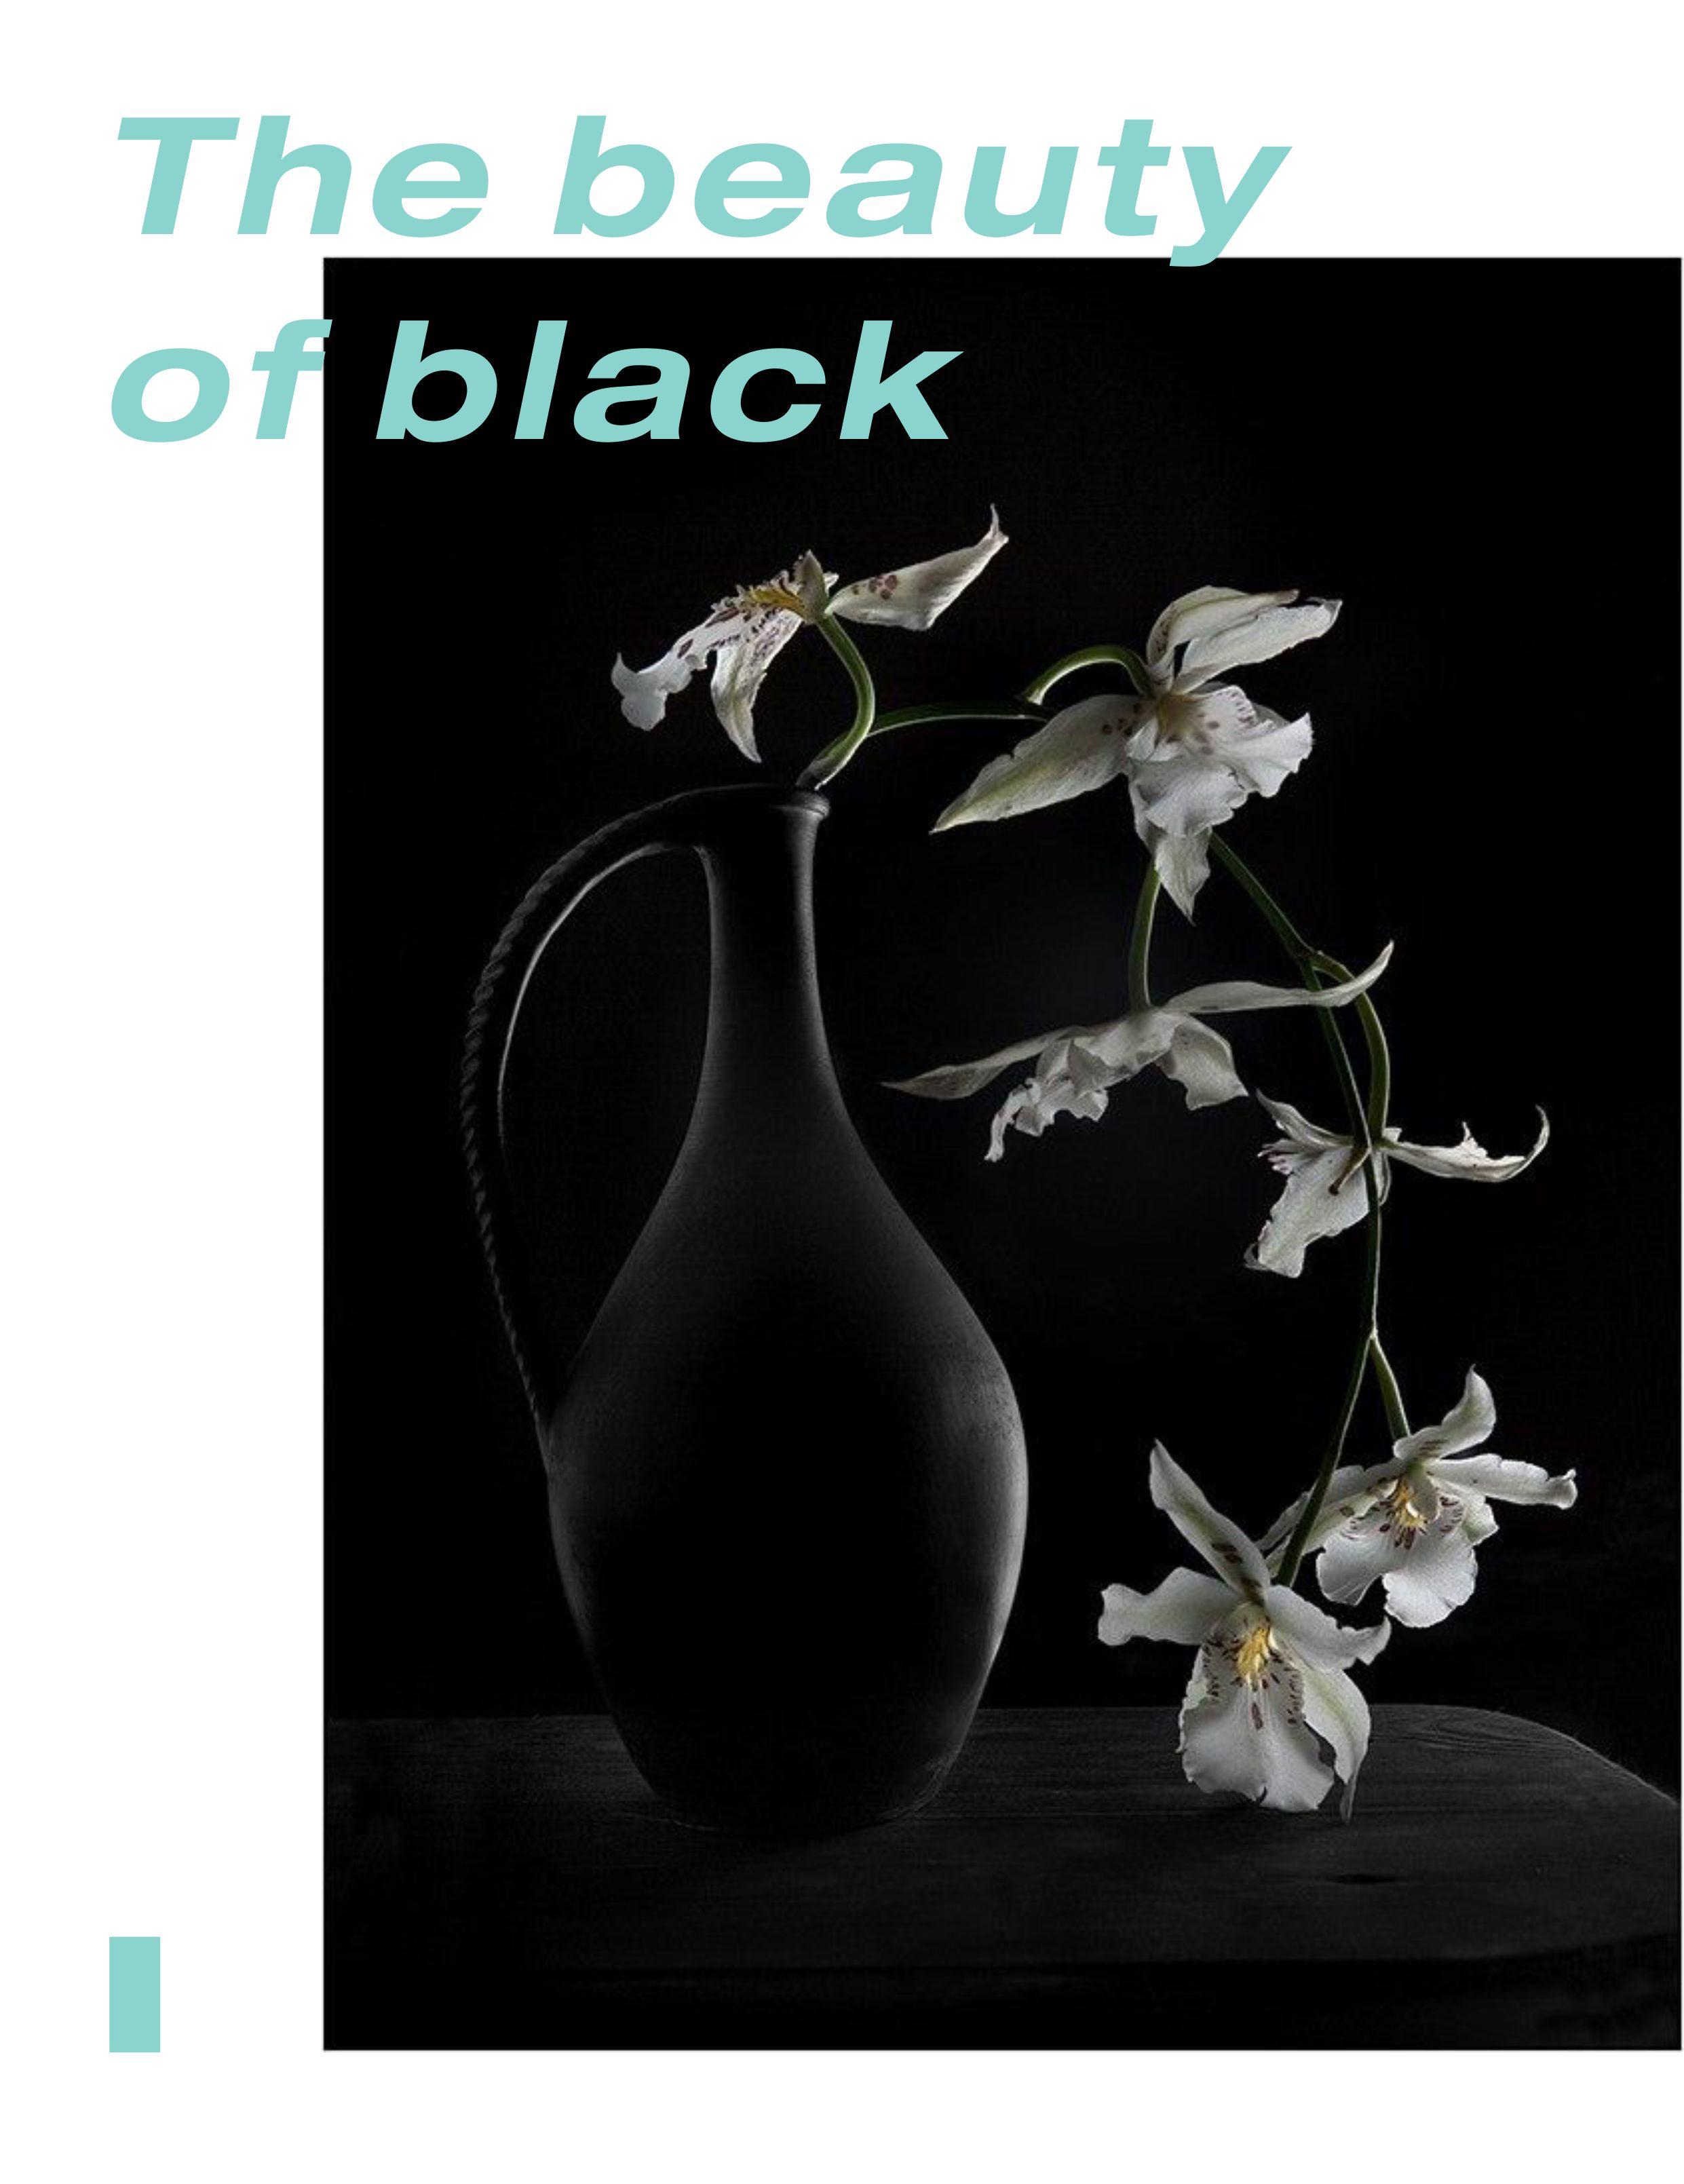 协进750x1500系列新品 |黑色 . 深邃之美